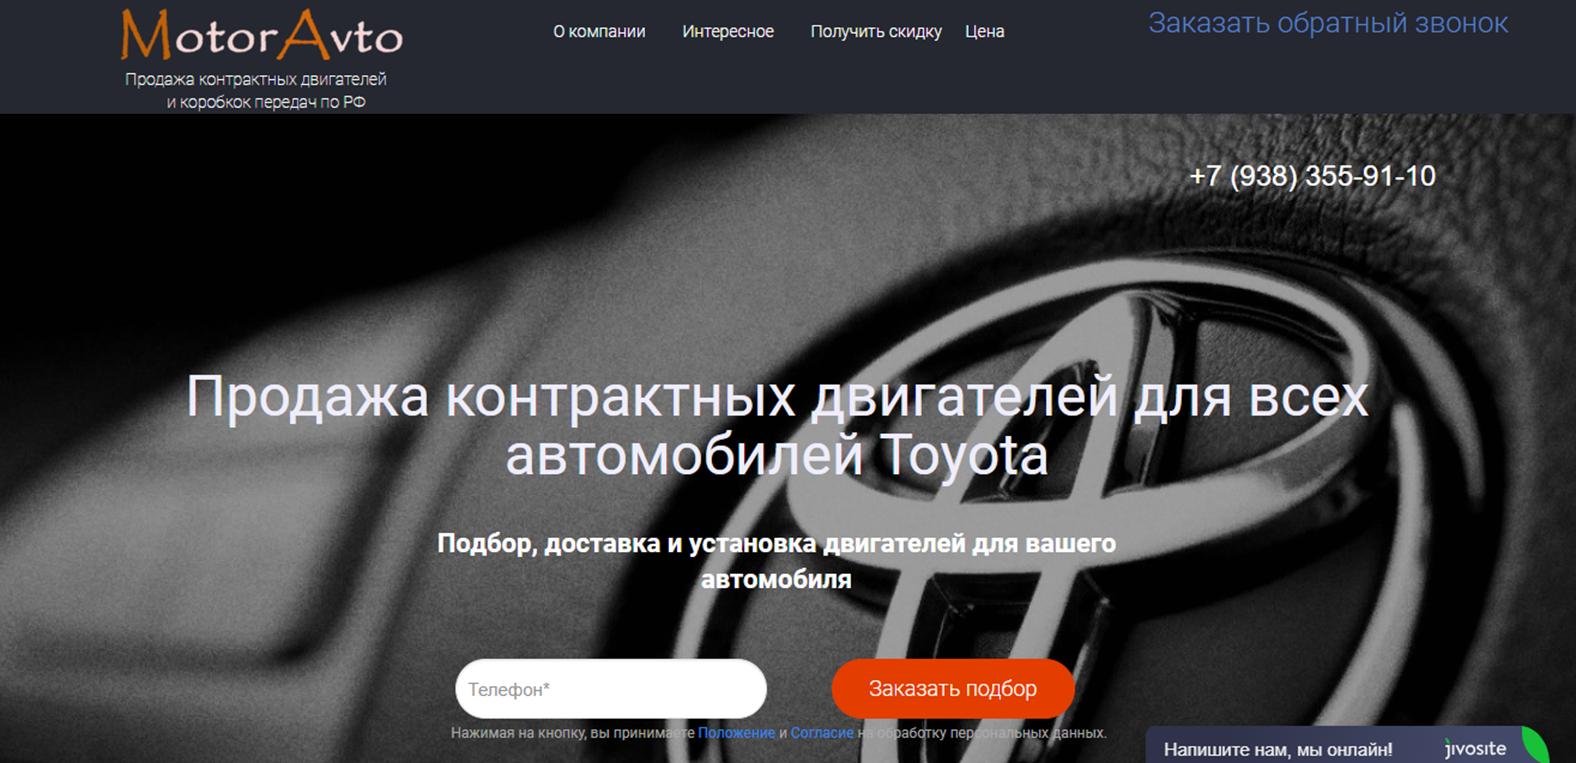 Мультилендинг – лендинг под запрос «Купить двигатель Toyota»